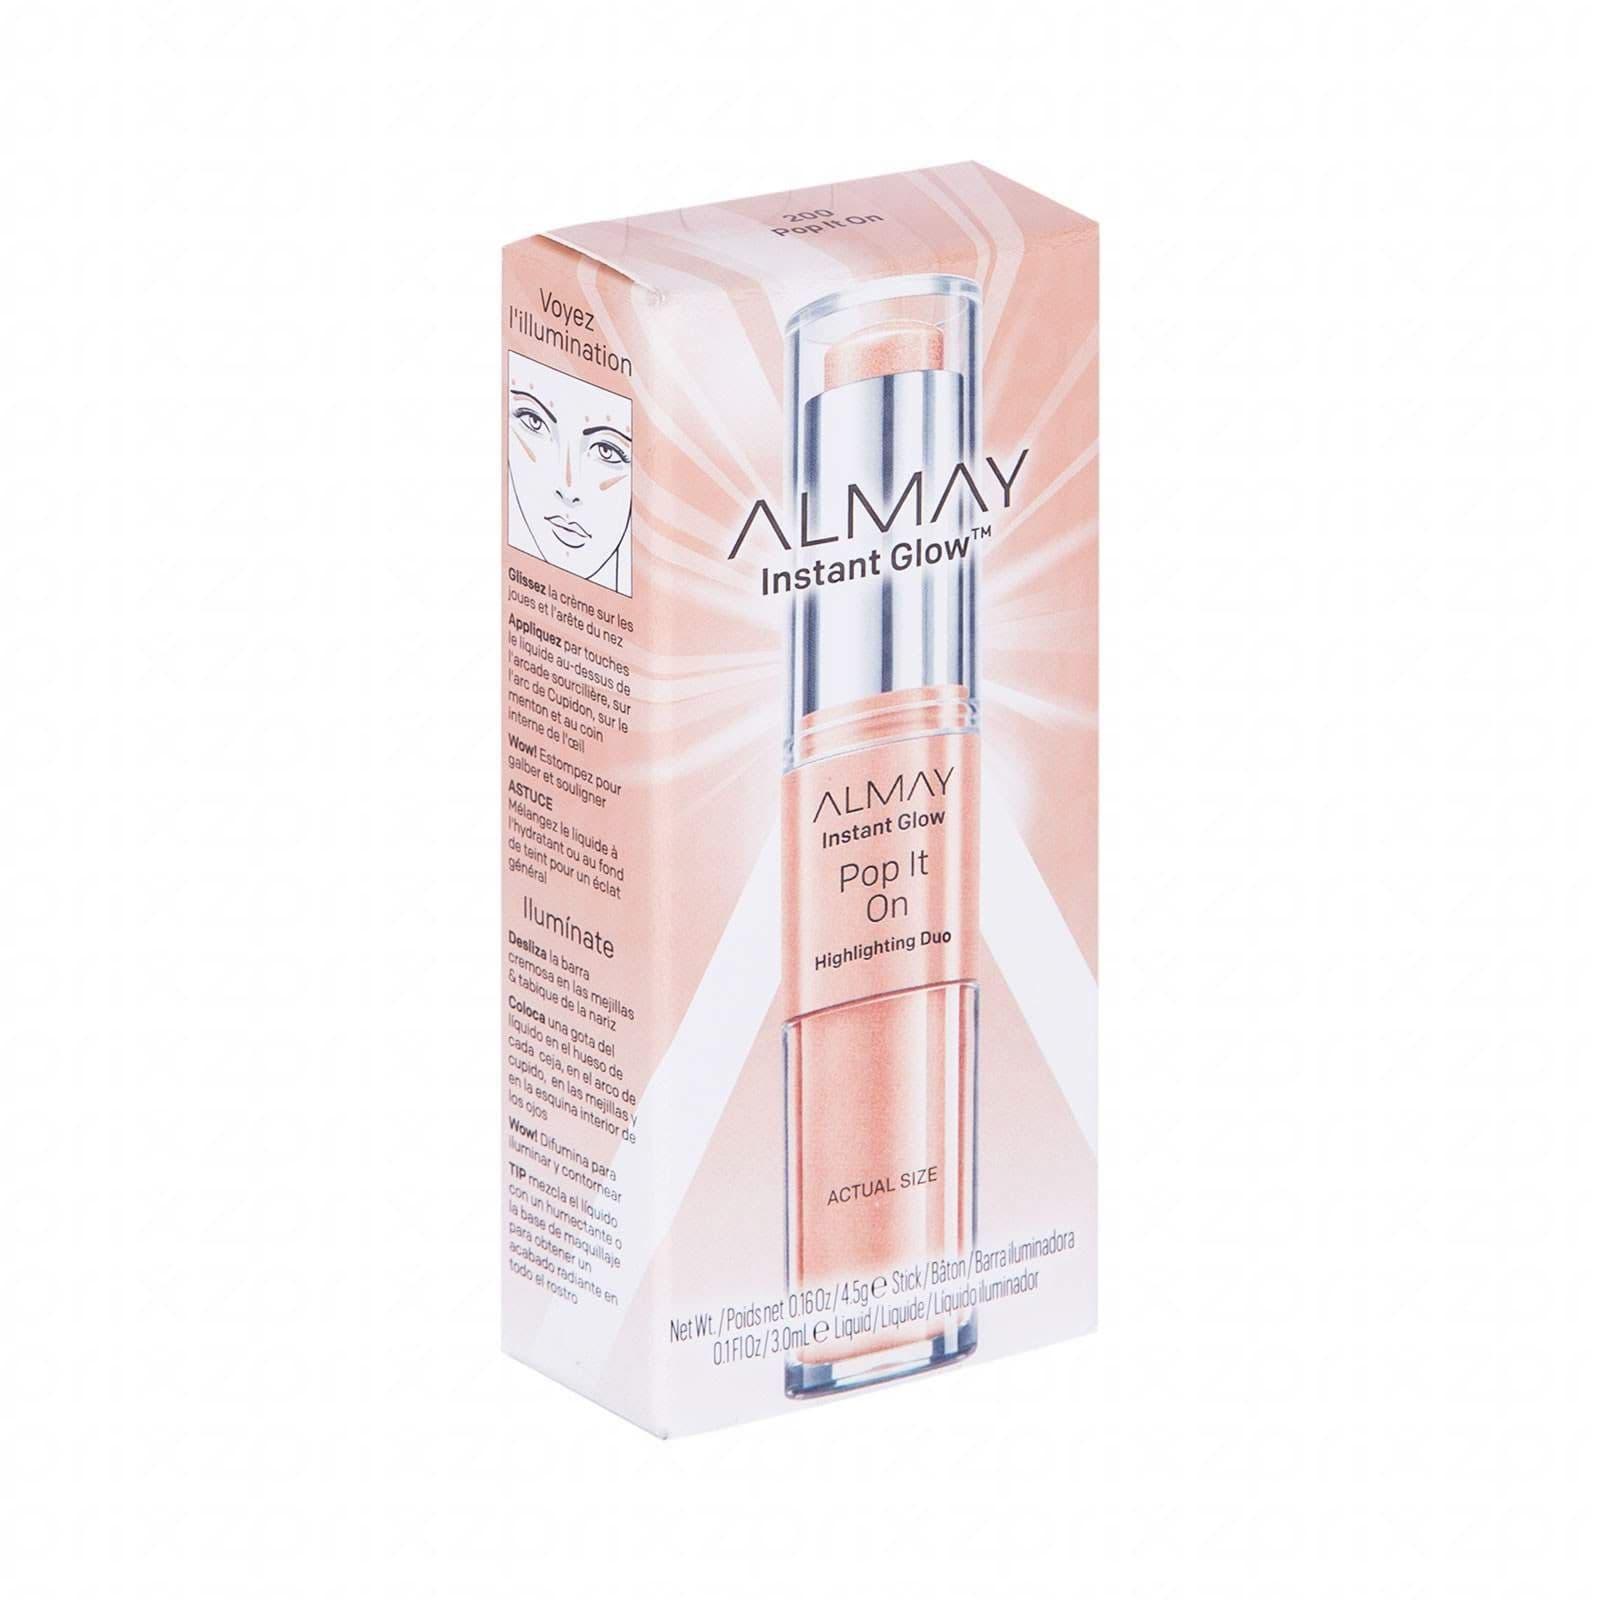 Almay instant glow pop it on 30 ml